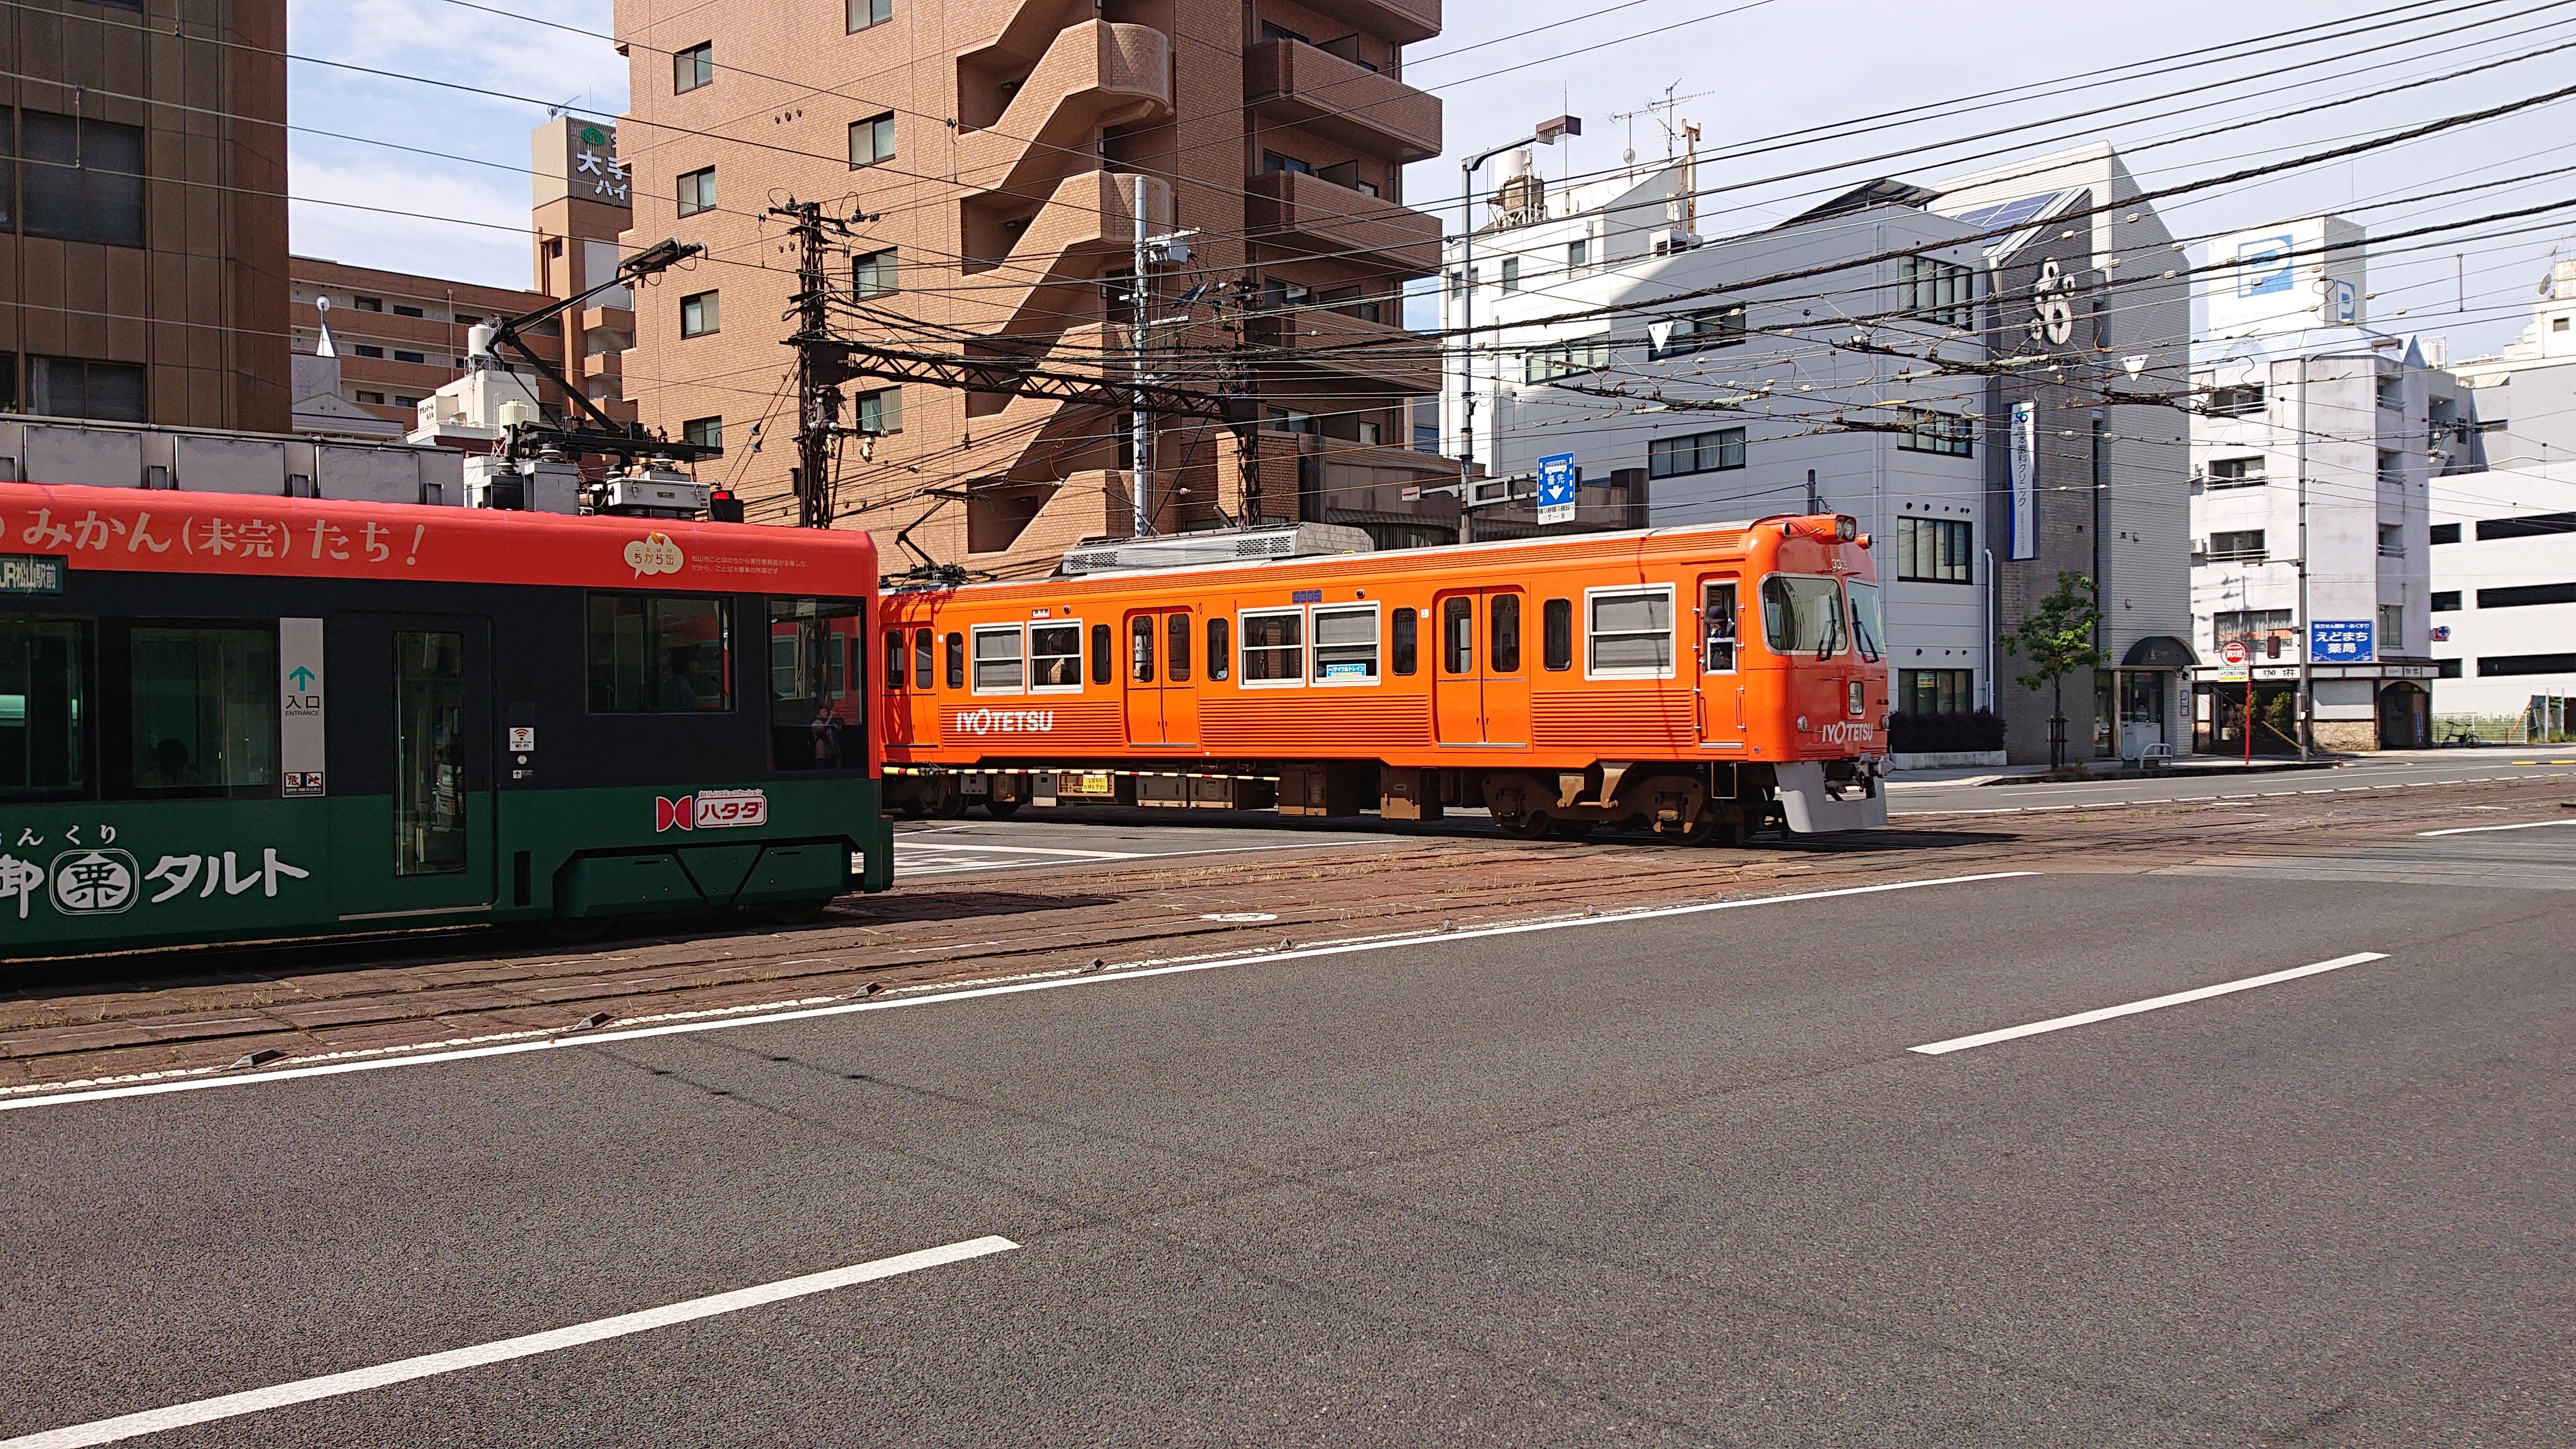 超レアな風景が松山に! 鉄道ファン必読の「電車の通過を踏切で待つ路面電車の眺め方」完全攻略マニュアル!